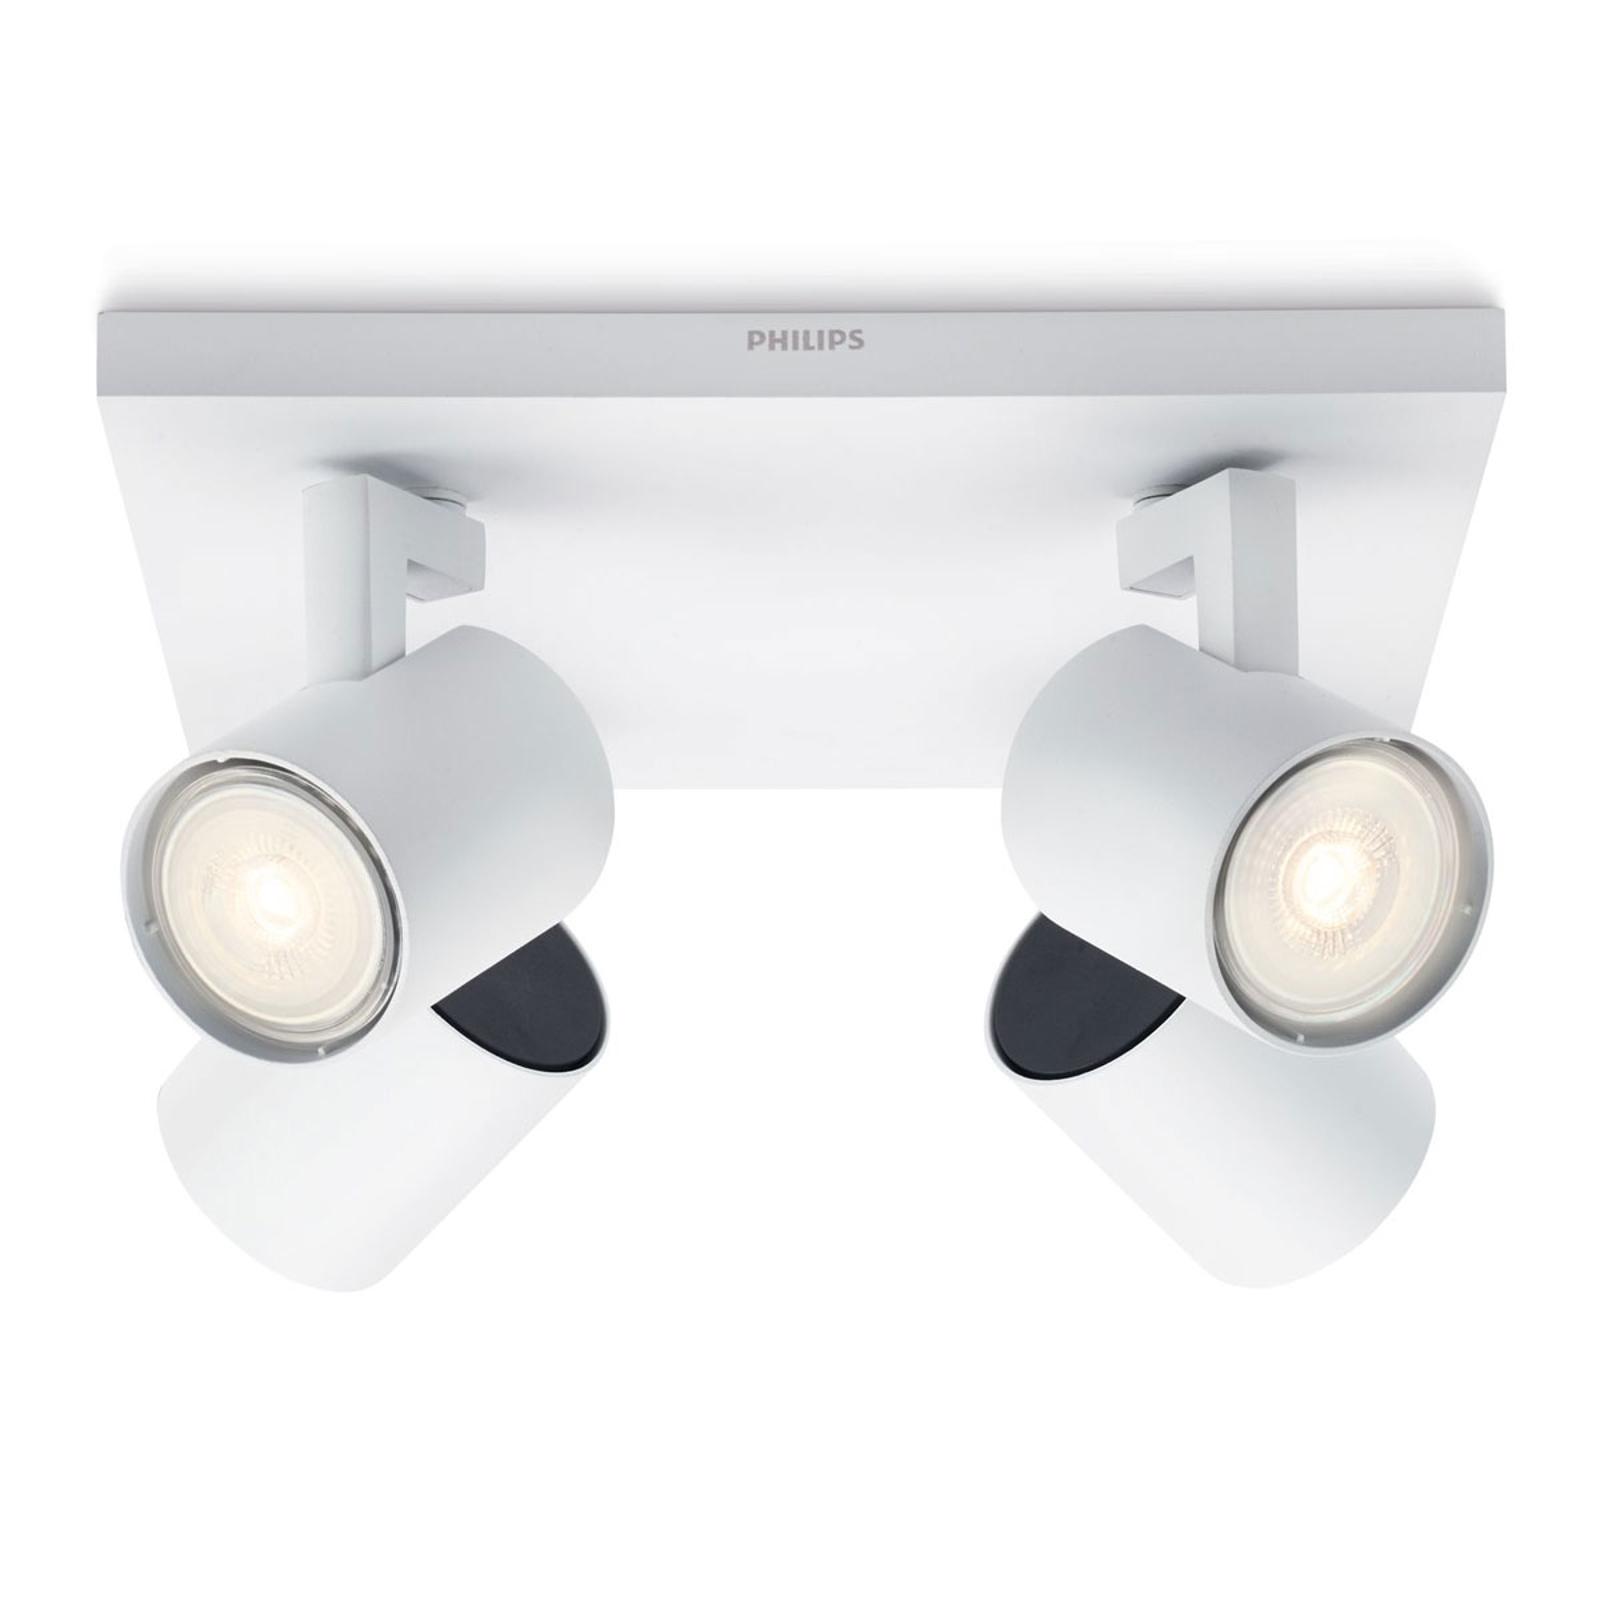 Philips Runner LED-Deckenleuchte weiß 4-flg.